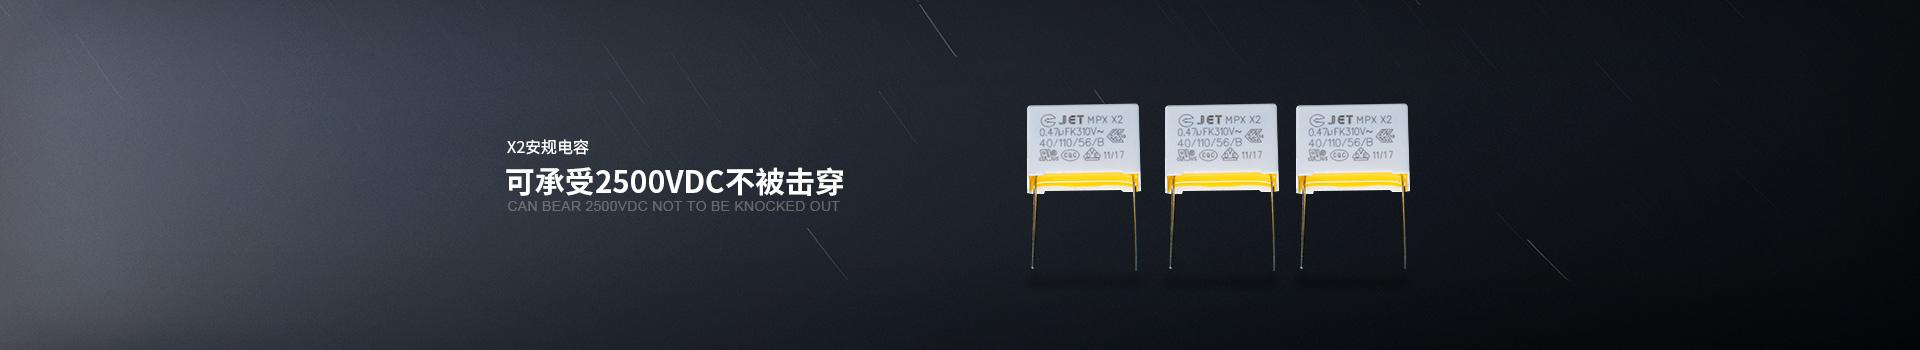 创基电子X2安规电容